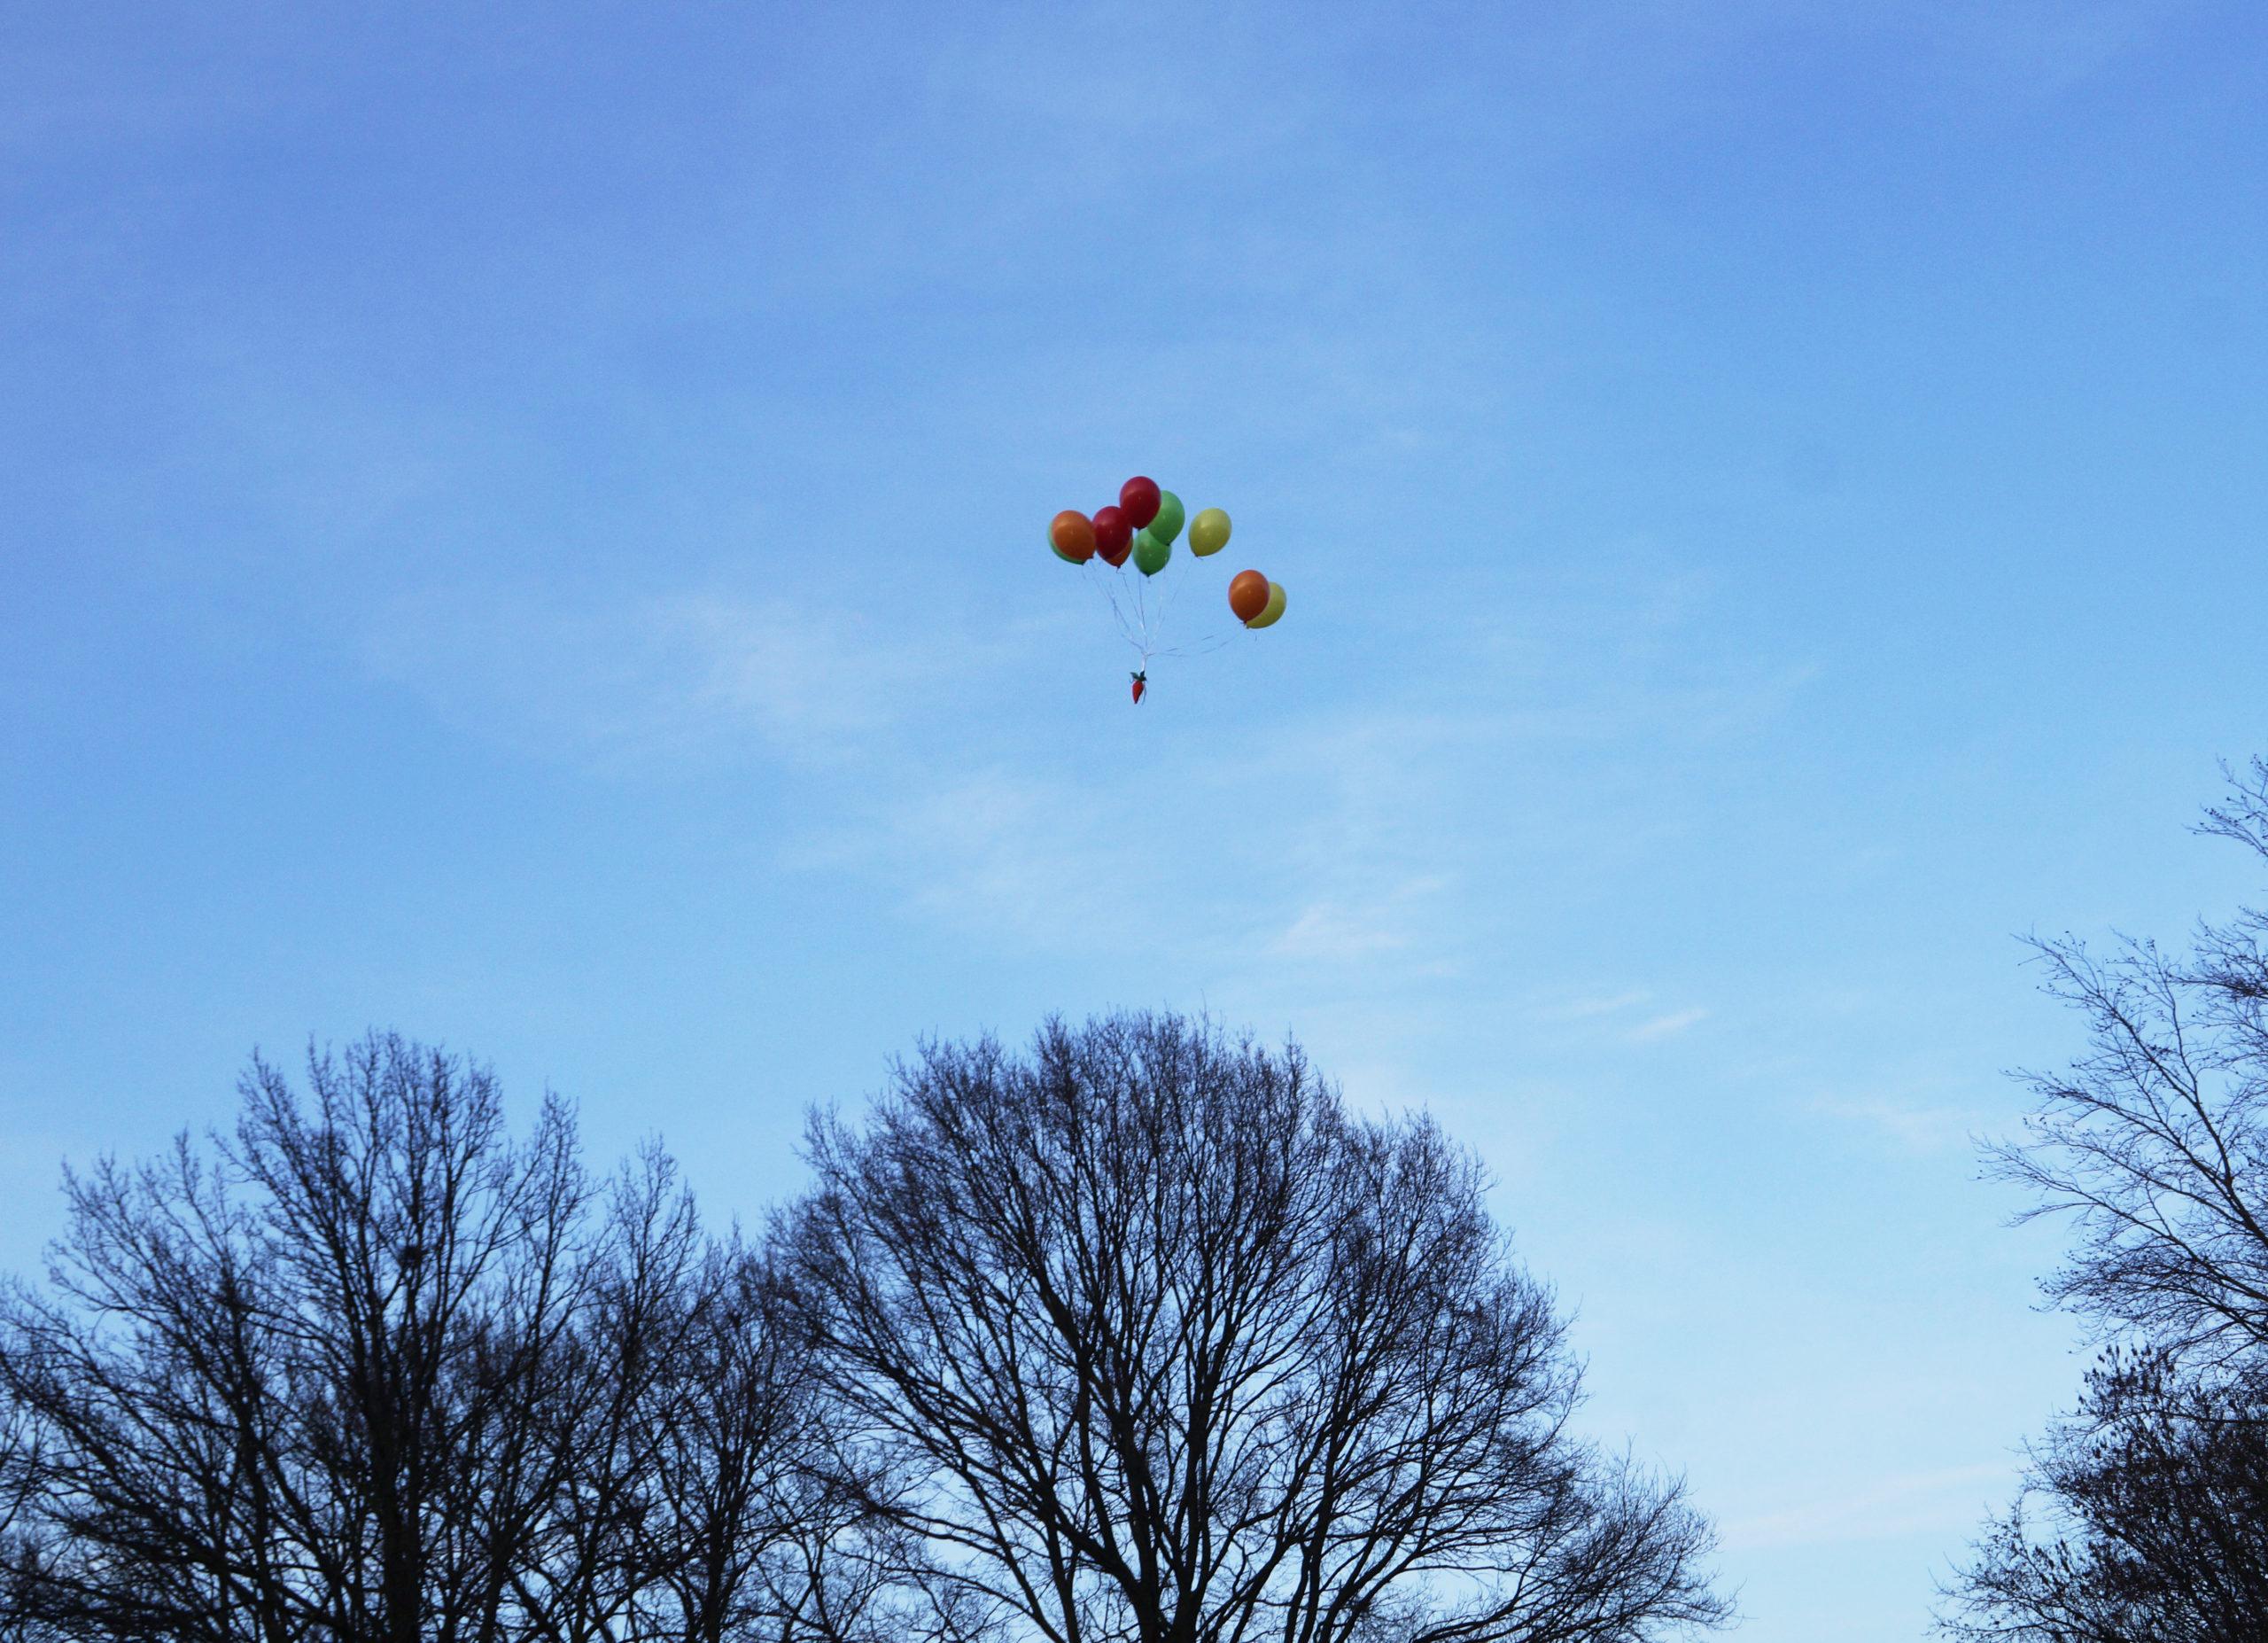 moeer aan ballonnen